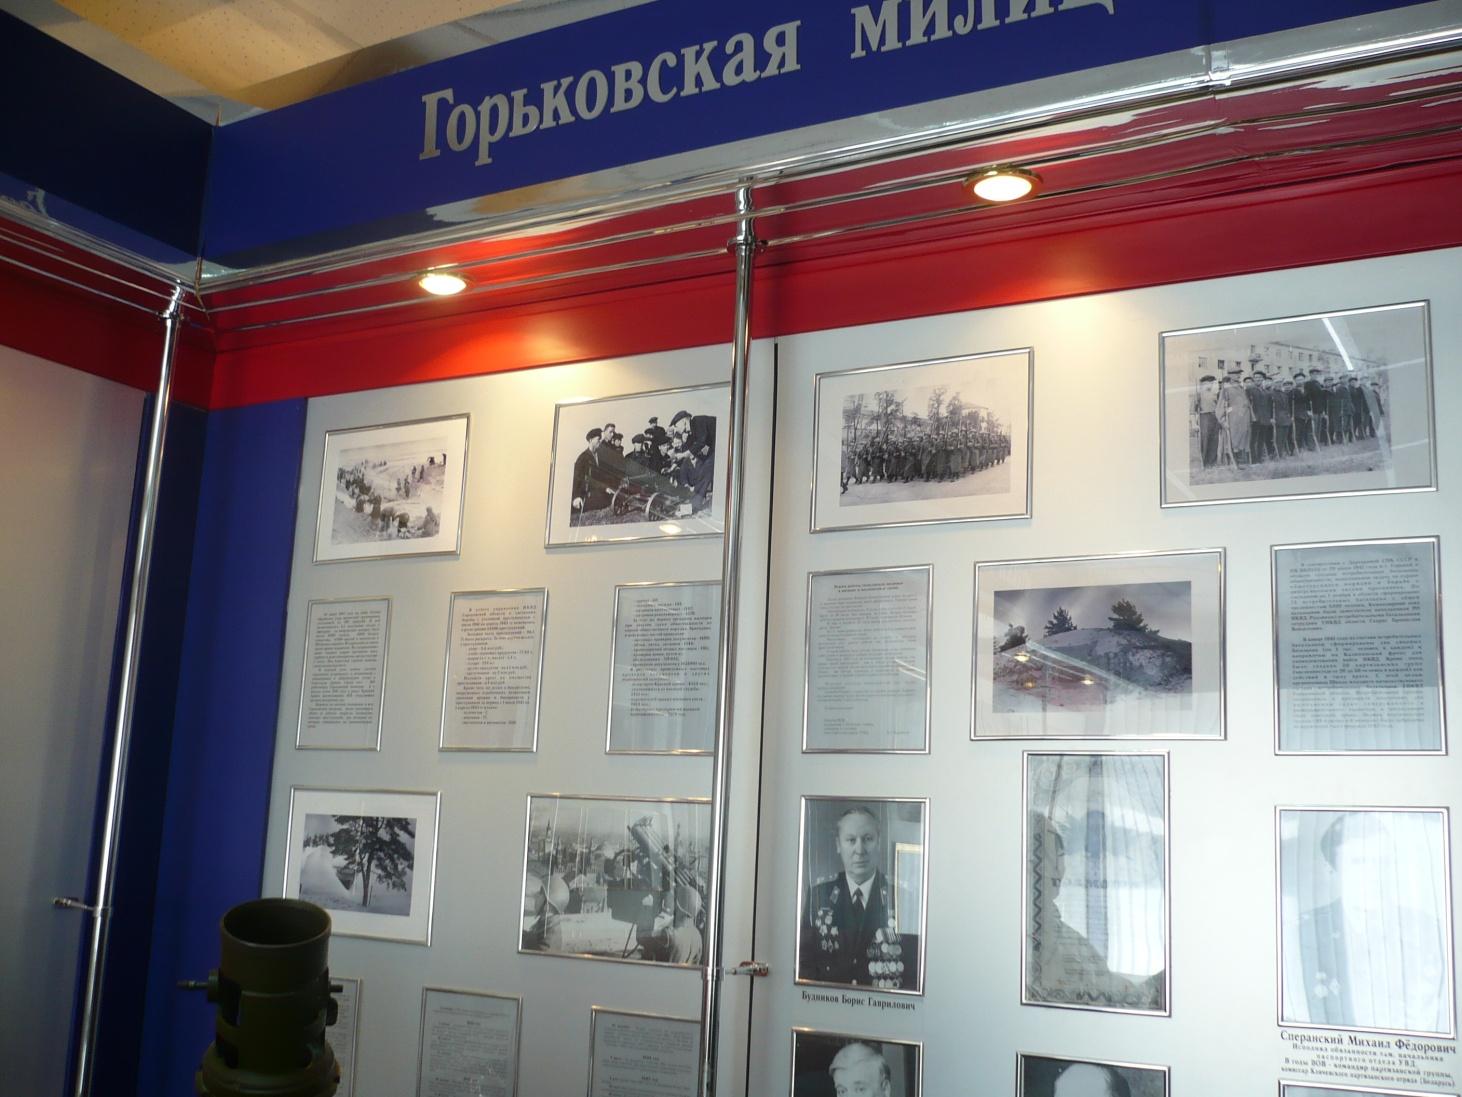 I:\Архив\разное рабочий стол\разное\Т.А\экскурсия в музей ГУВД\P1030083.JPG